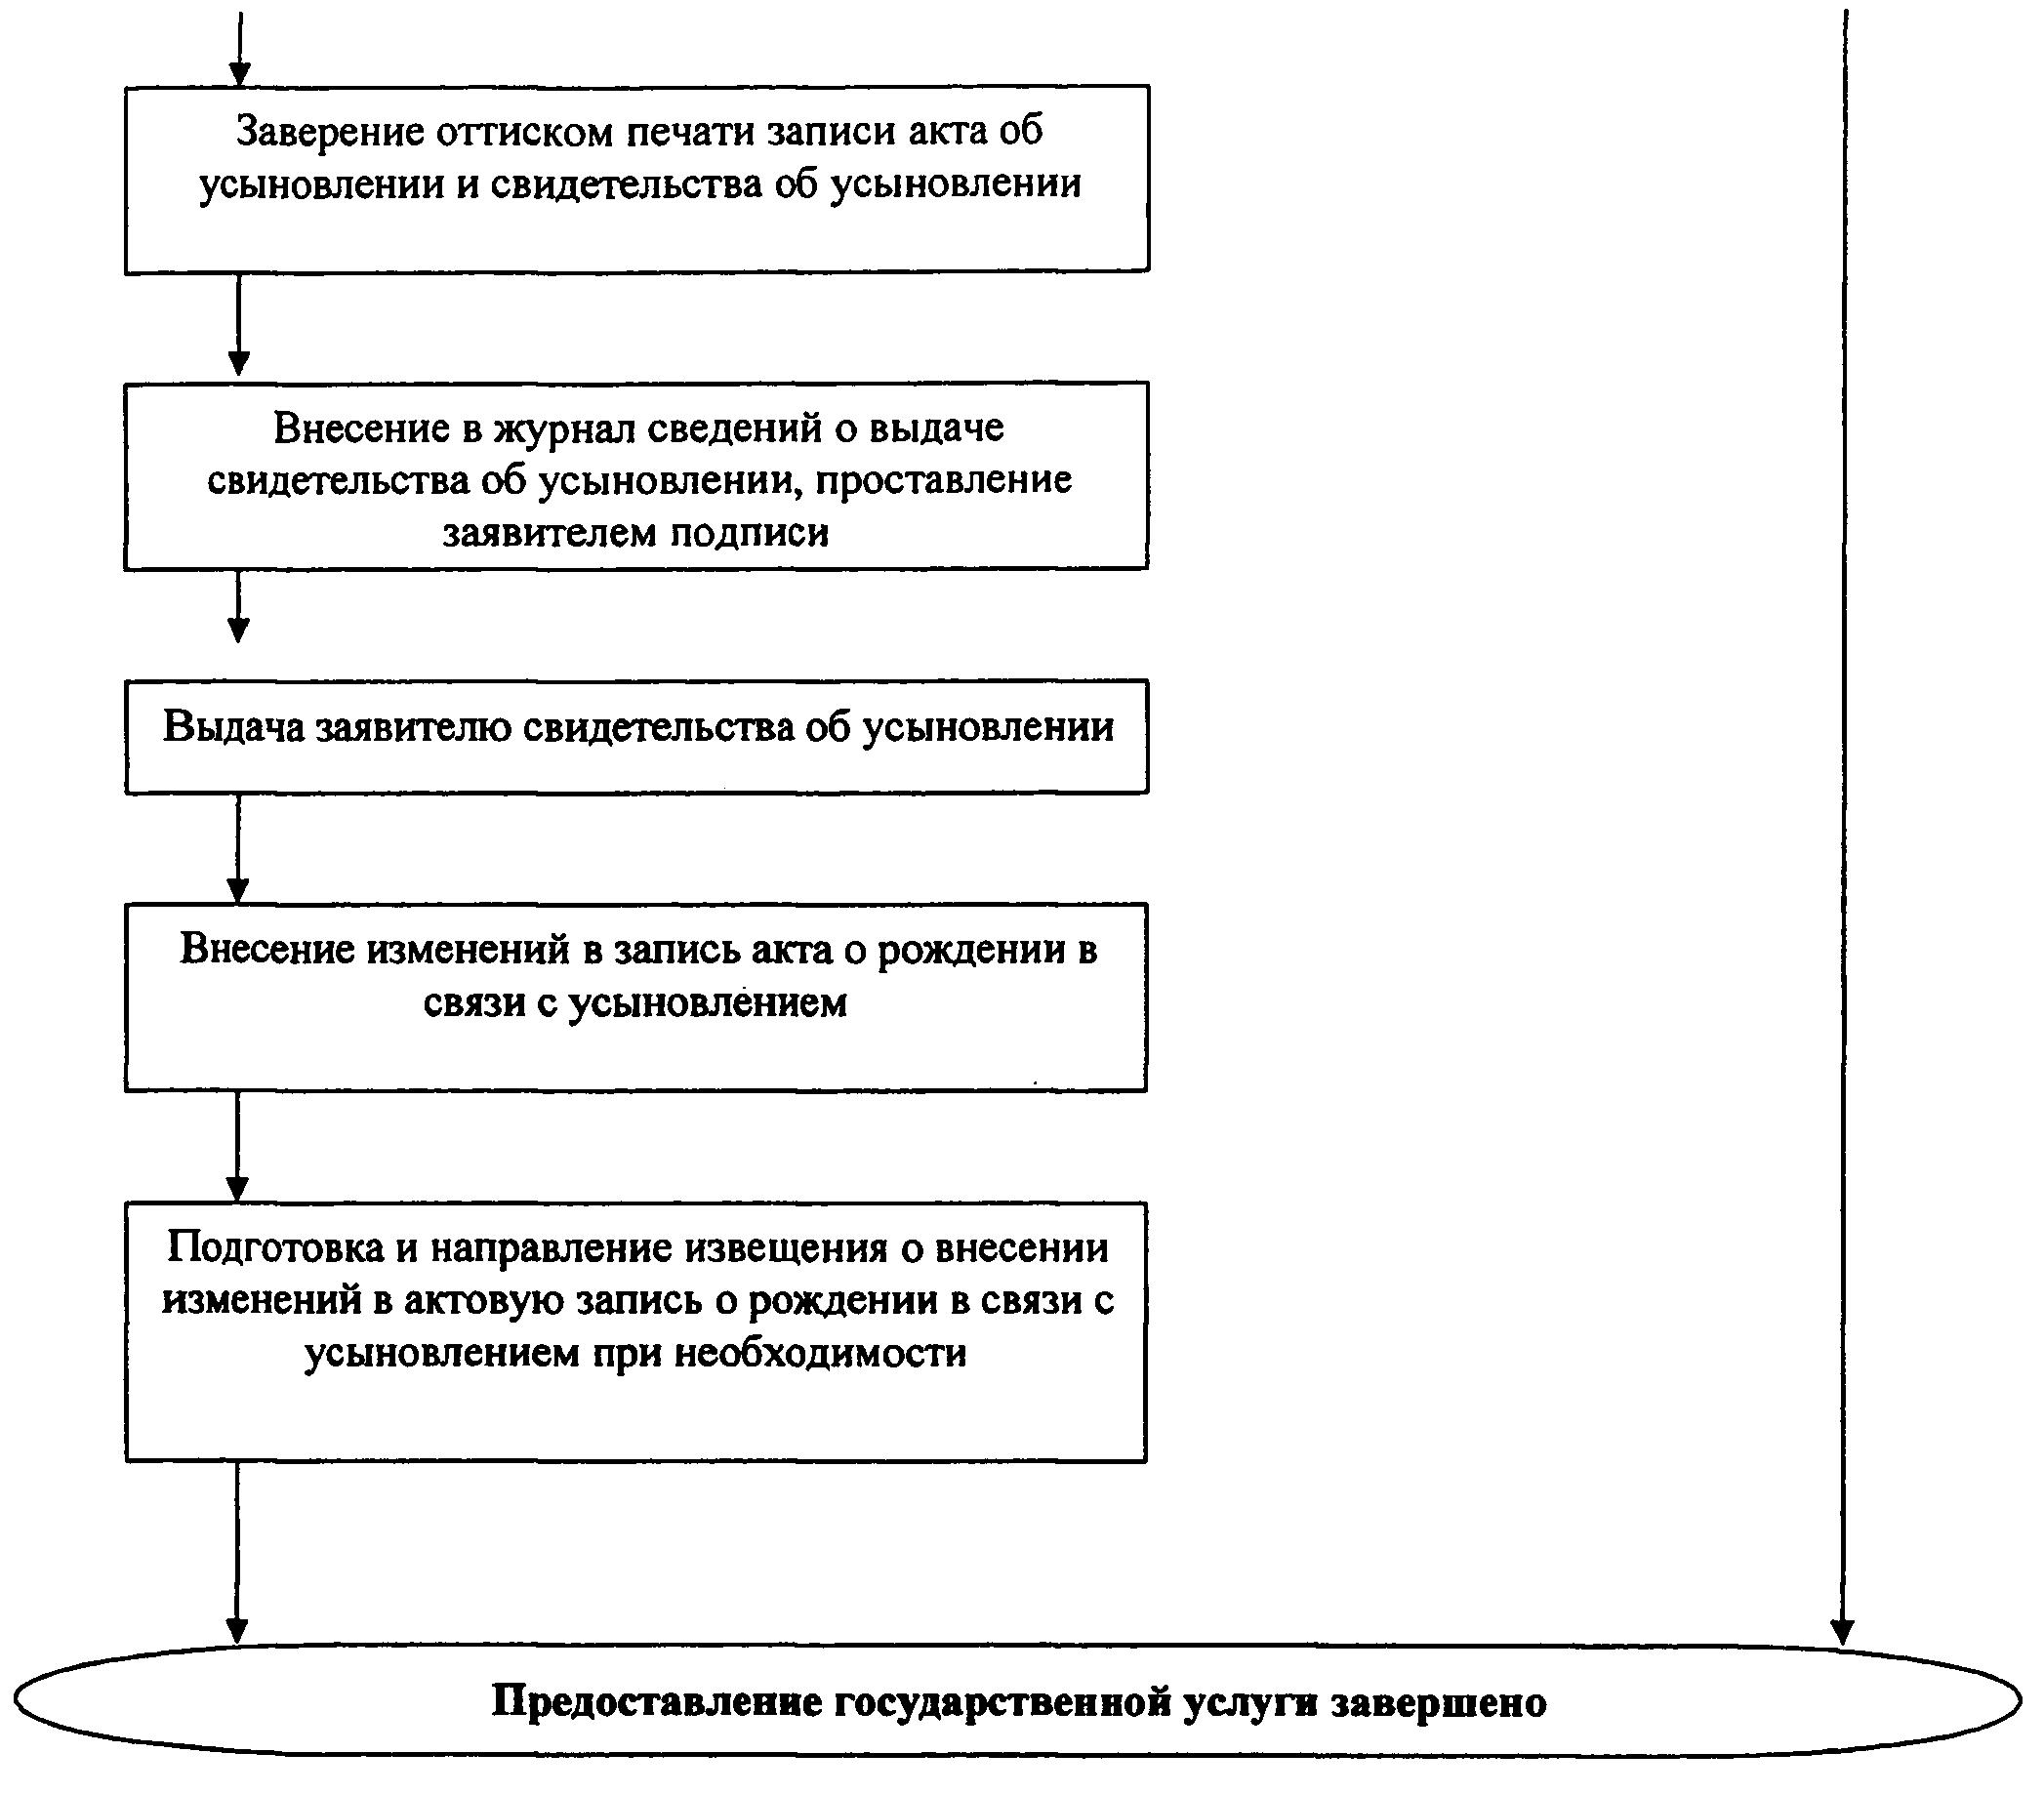 РИС. 10 К ПРИКАЗУ МИНЮСТА РФ ОТ 29.11.2011 N 412